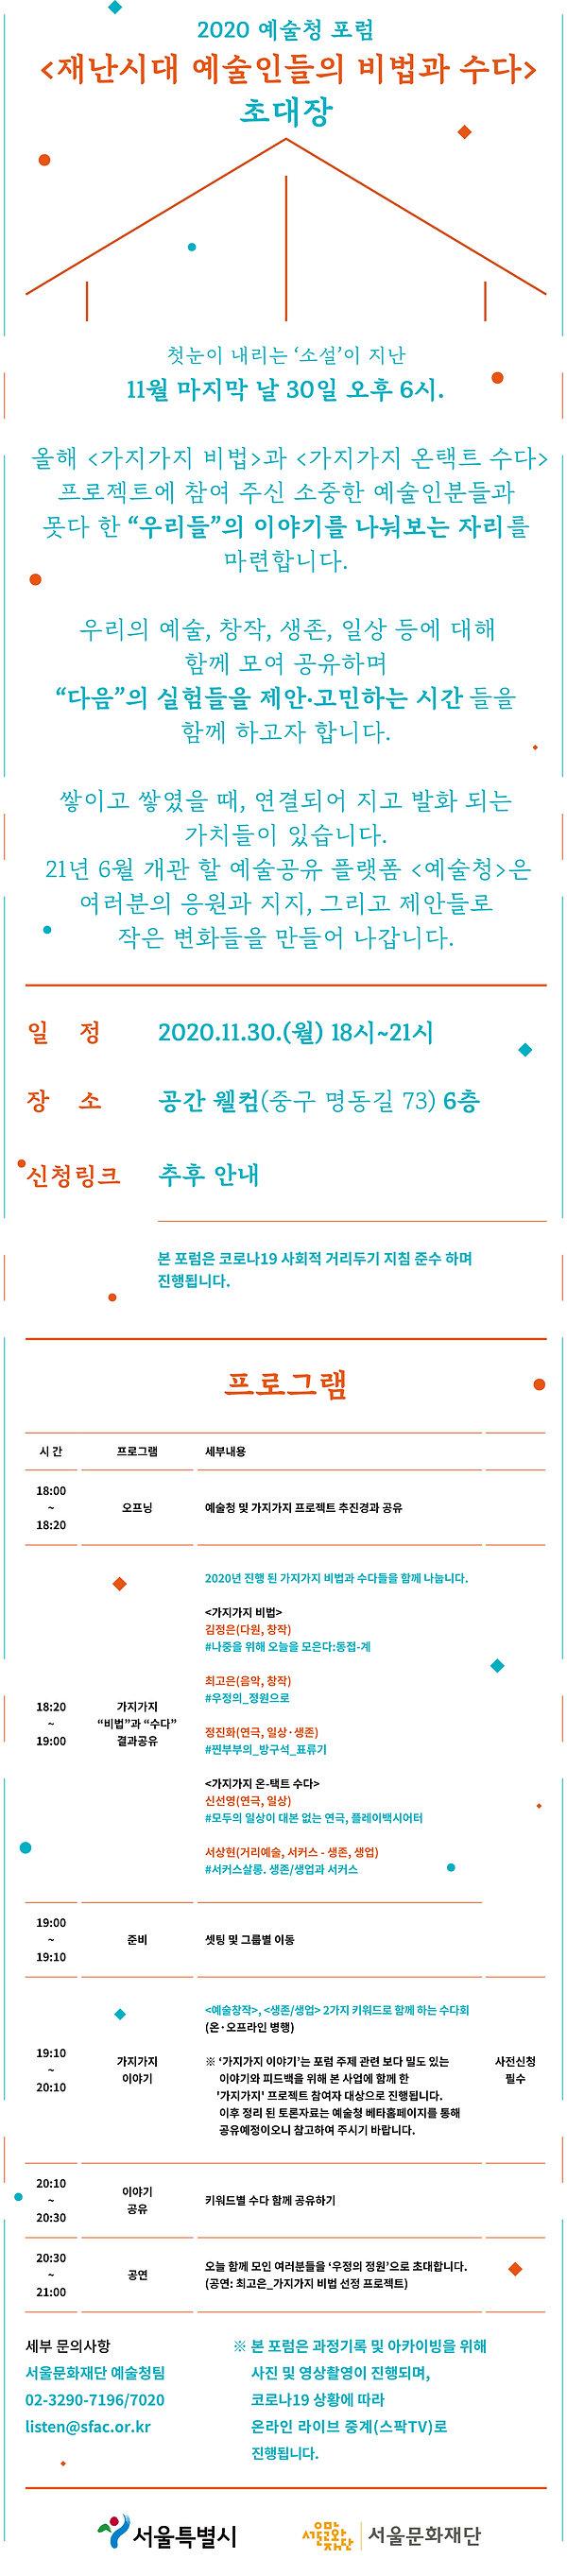 2.예술청포럼_웹플라이어 최종.jpg